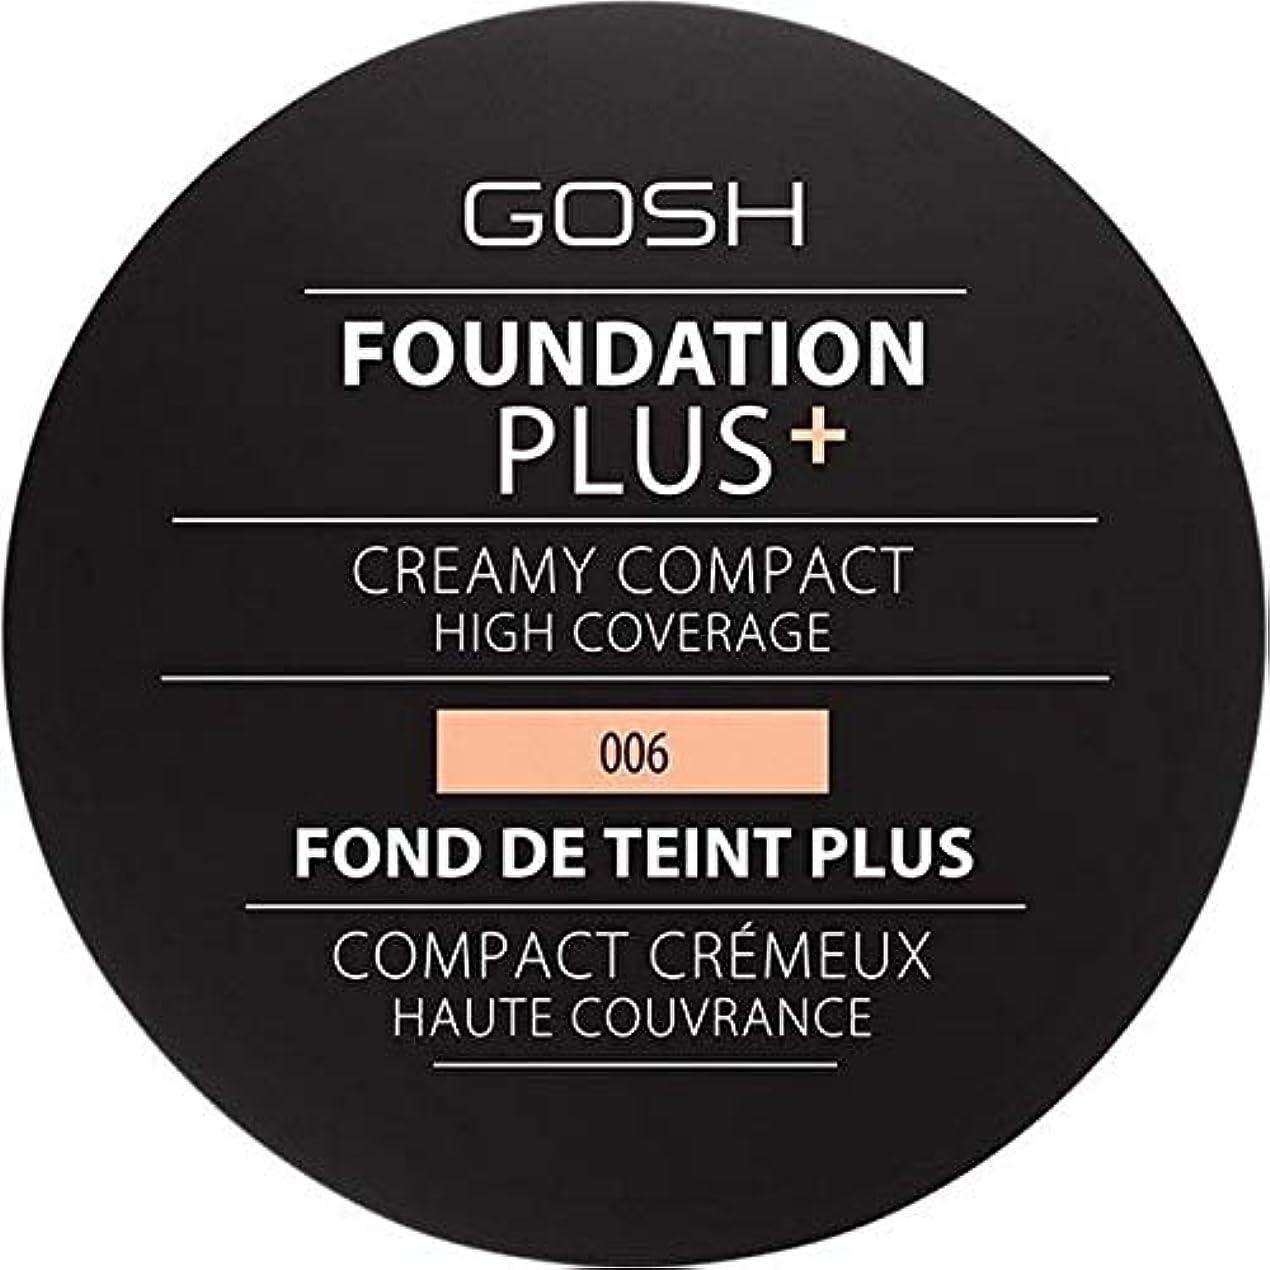 アシストブローホール期待する[GOSH ] 基礎プラス+クリーミーコンパクト蜂蜜006 - Foundation Plus+ Creamy Compact Honey 006 [並行輸入品]